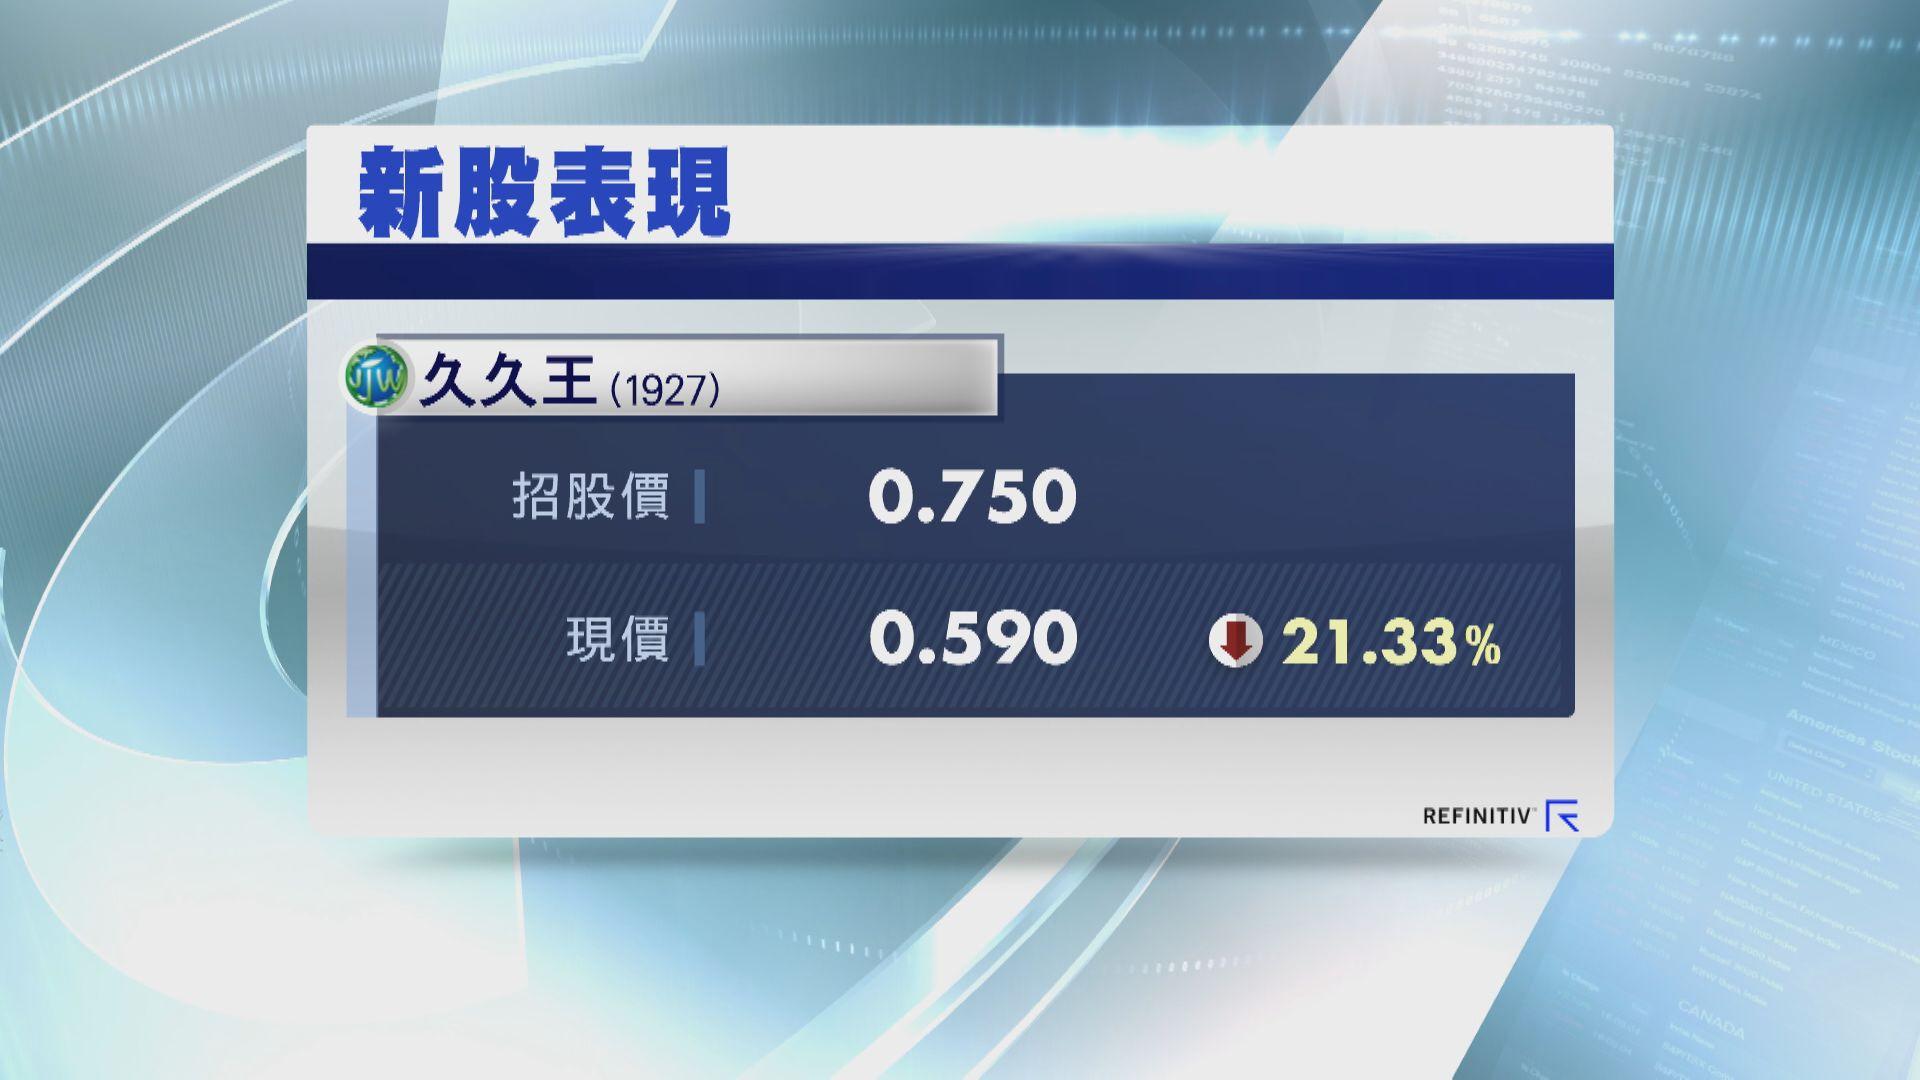 久久王半場「潛水」25%  一手輸$950